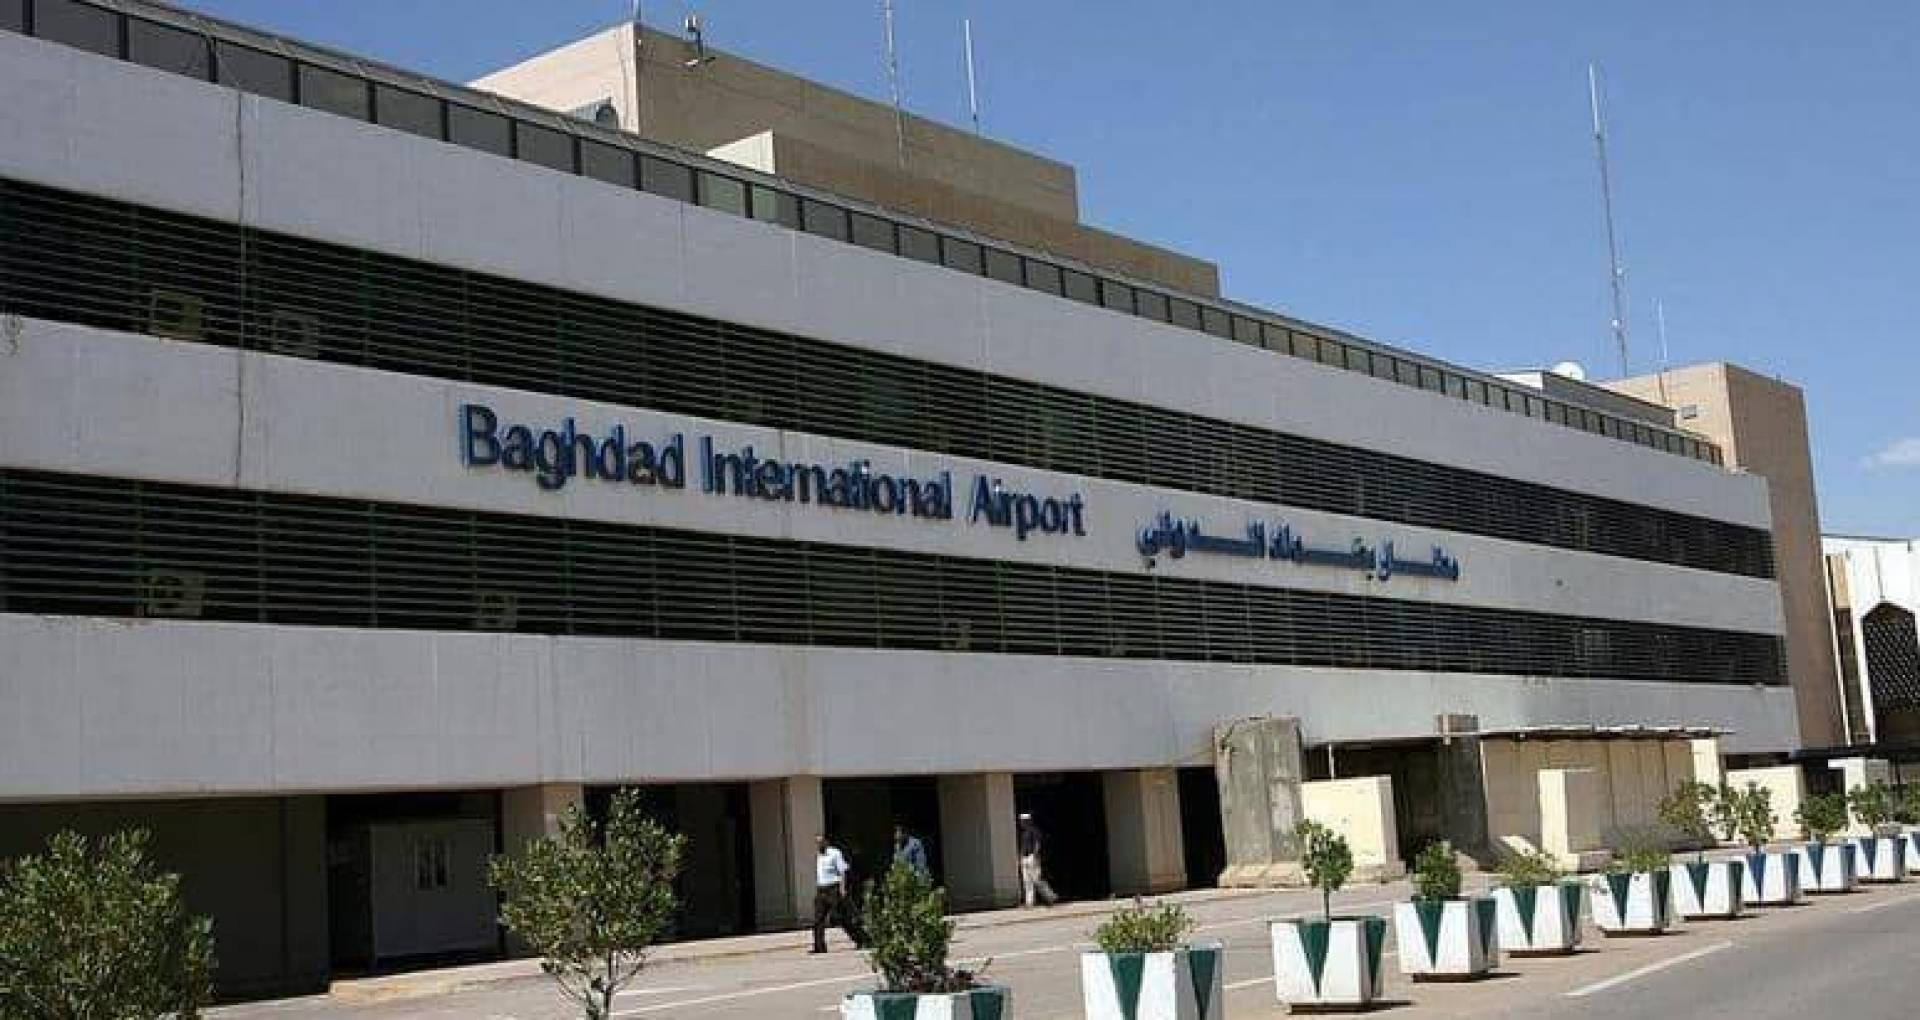 شركة كويتية تفوز بعقد حصري في مطار بغداد